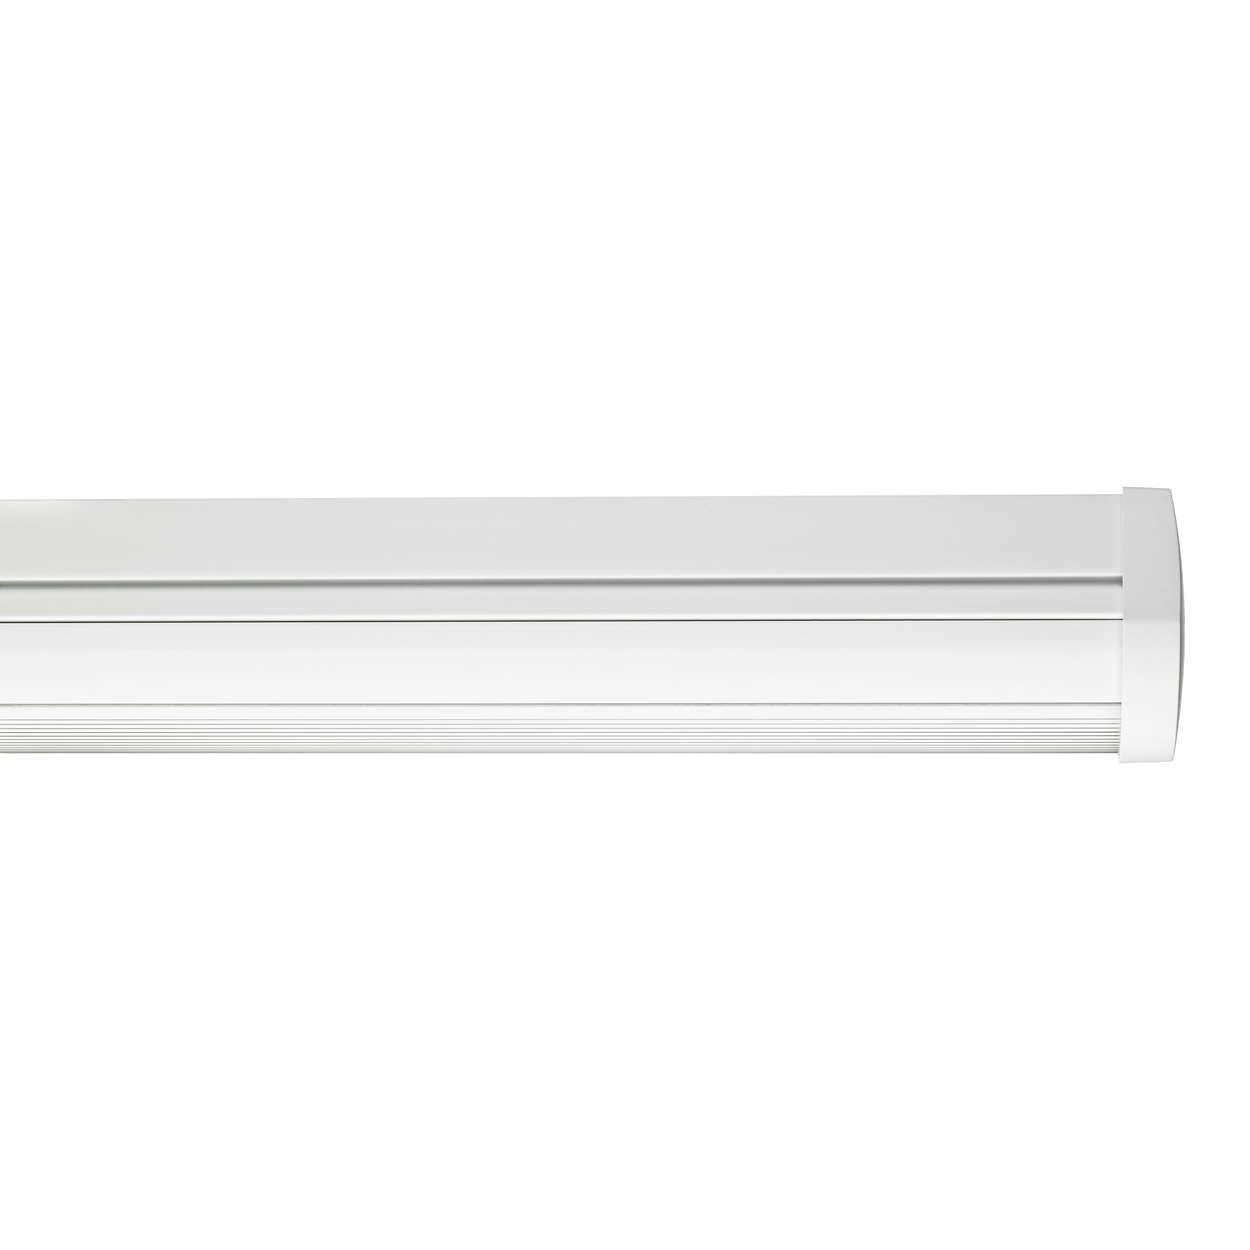 Maxos LED Performer